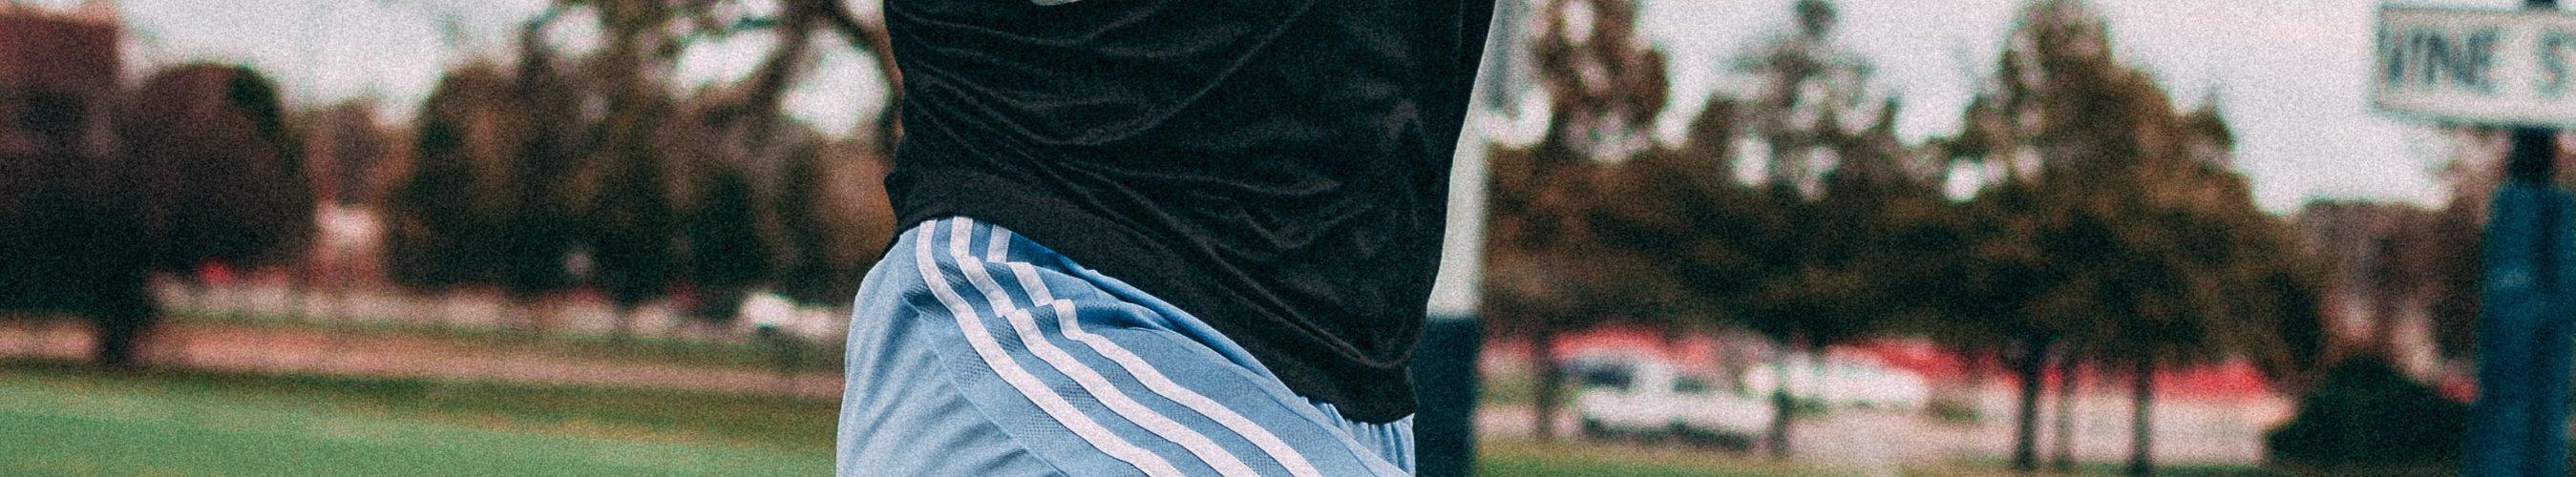 voetbal-tenue